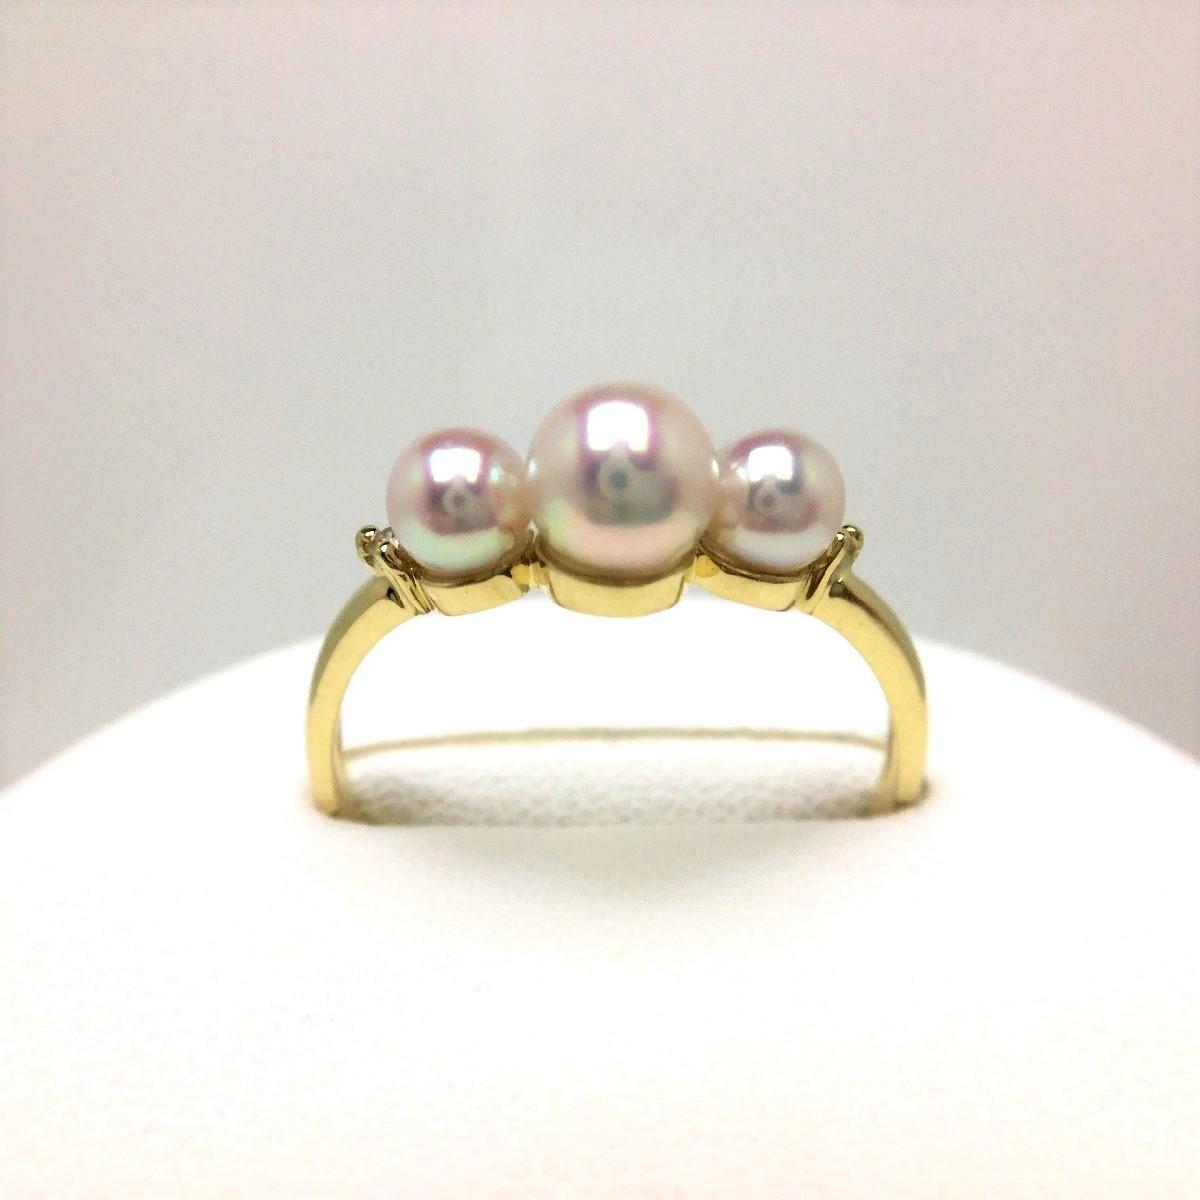 【10%OFF】真珠 リング パール アコヤ真珠 5.0mm・4.0-4.5mm ホワイトピンク K18 イエローゴールド ダイヤモンド 0.02ct 67076 イソワパール